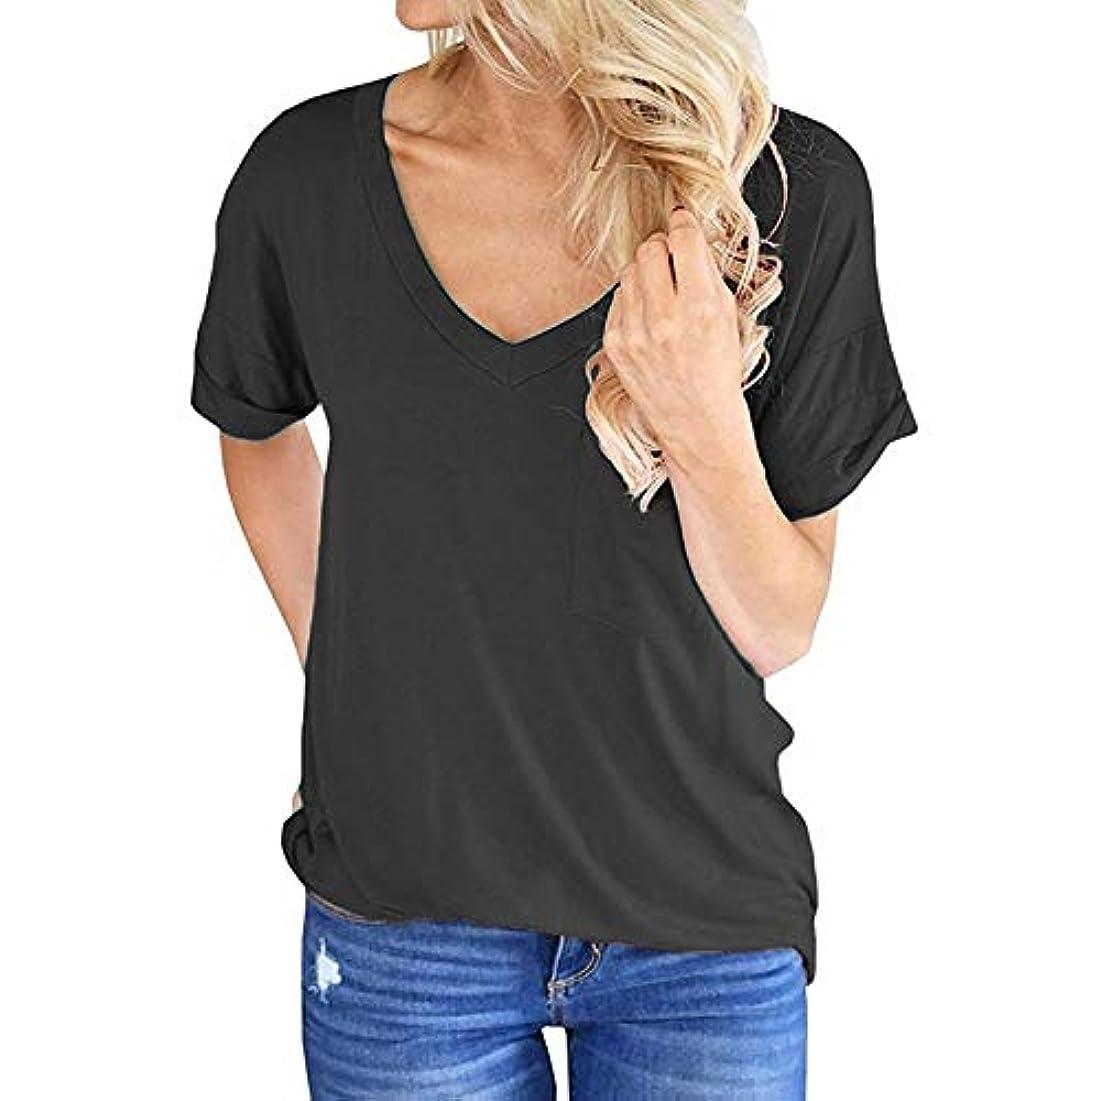 キノコバウンド数学者MIFANポケットシャツ、半袖、コットンTシャツ、夏用トップス、ゆったりしたTシャツ、女性のブラウス、半袖Tシャツ